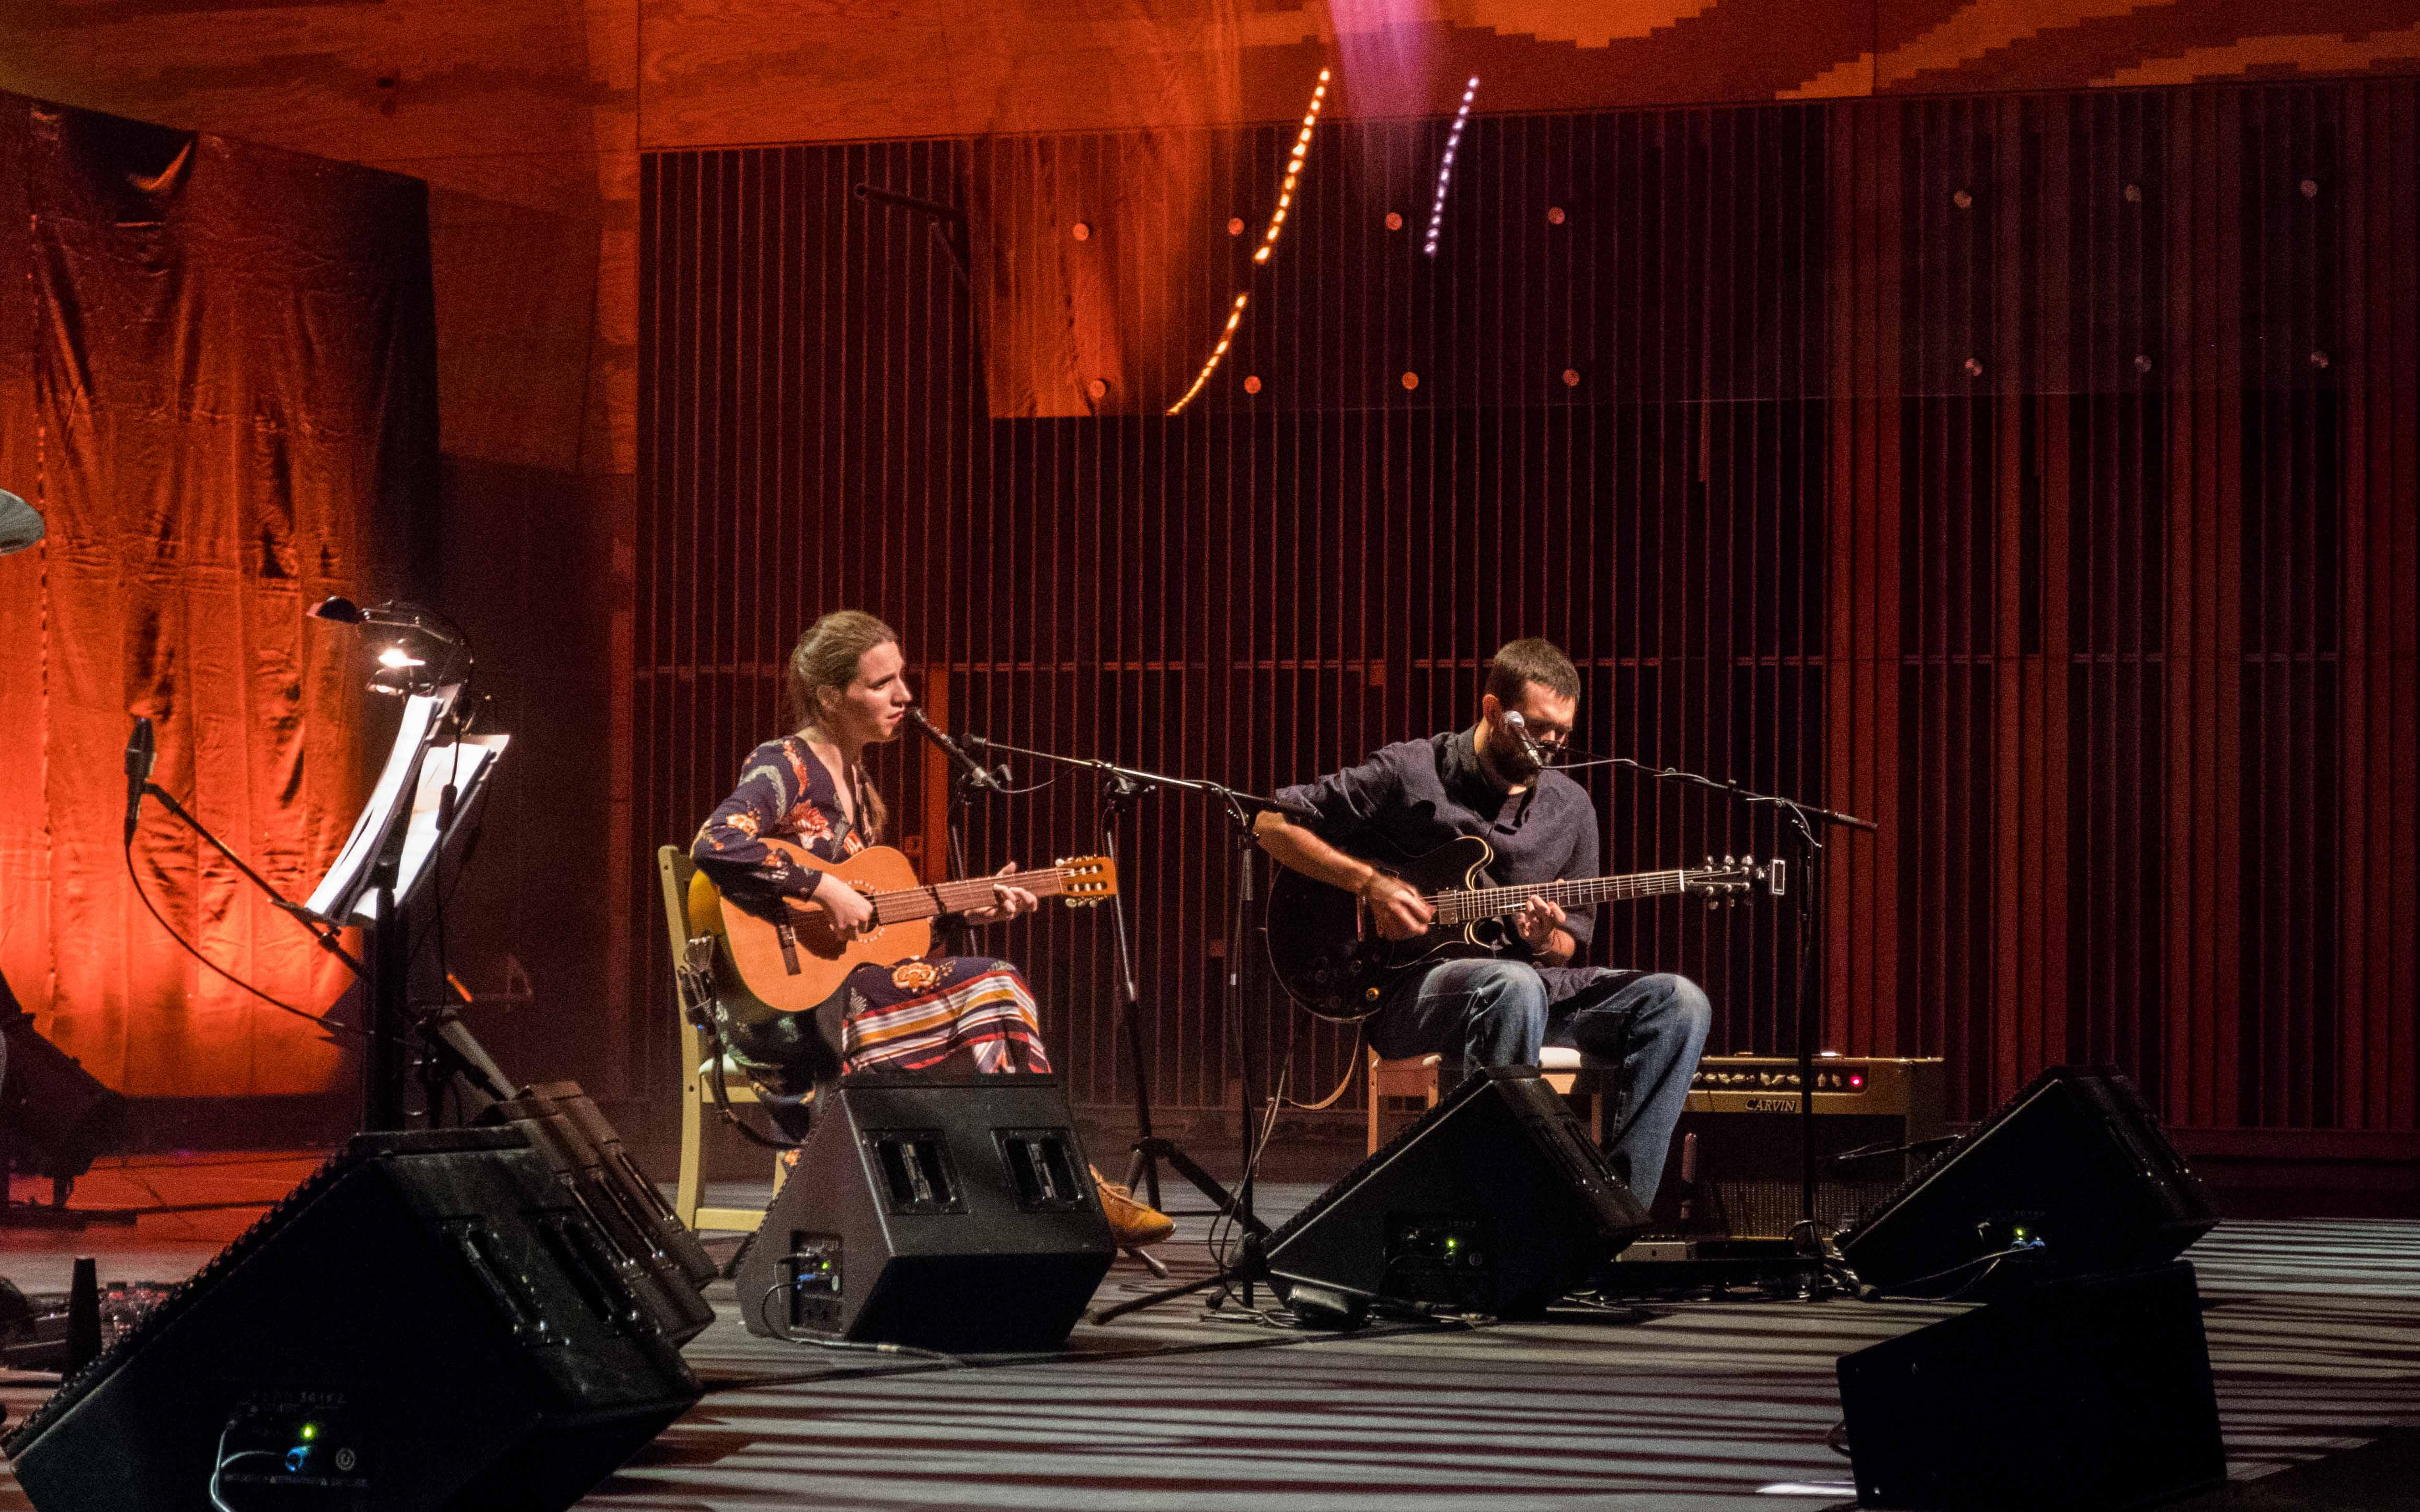 Luísa Sobral e Manuel Rocha. Fotografia por Mariana Cardoso.